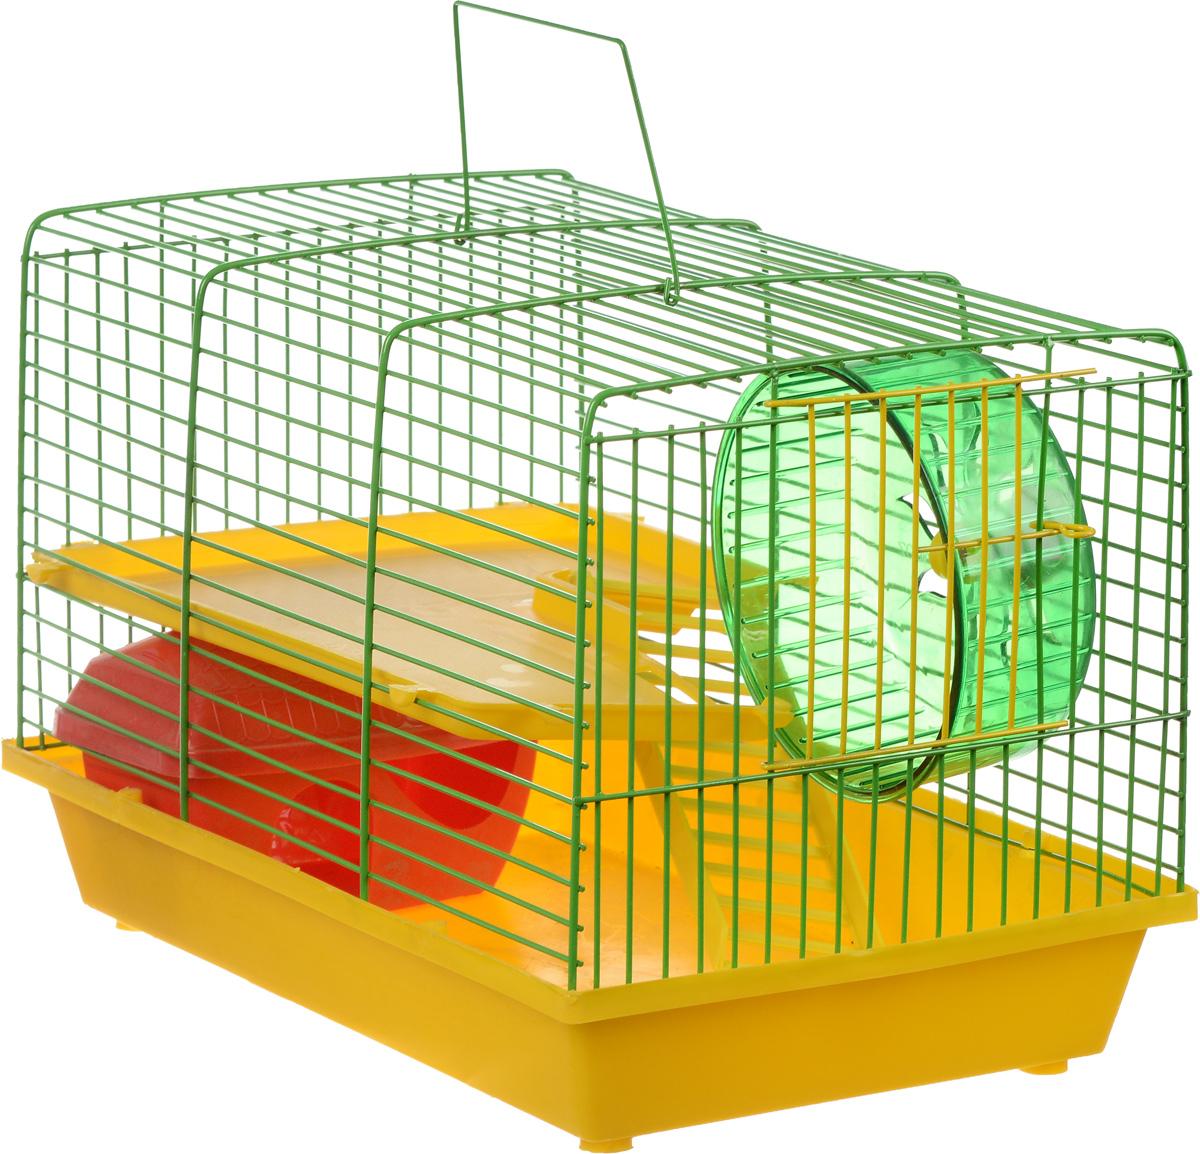 Клетка для грызунов ЗооМарк, 2-этажная, цвет: желтый поддон, зеленая решетка, желтый этаж, 36 х 23 х 24 см0120710Клетка ЗооМарк, выполненная из полипропилена и металла, подходит для мелких грызунов. Изделие двухэтажное, оборудовано колесом для подвижных игр и пластиковым домиком. Клетка имеет яркий поддон, удобна в использовании и легко чистится. Сверху имеется ручка для переноски. Такая клетка станет уединенным личным пространством и уютным домиком для маленького грызуна.